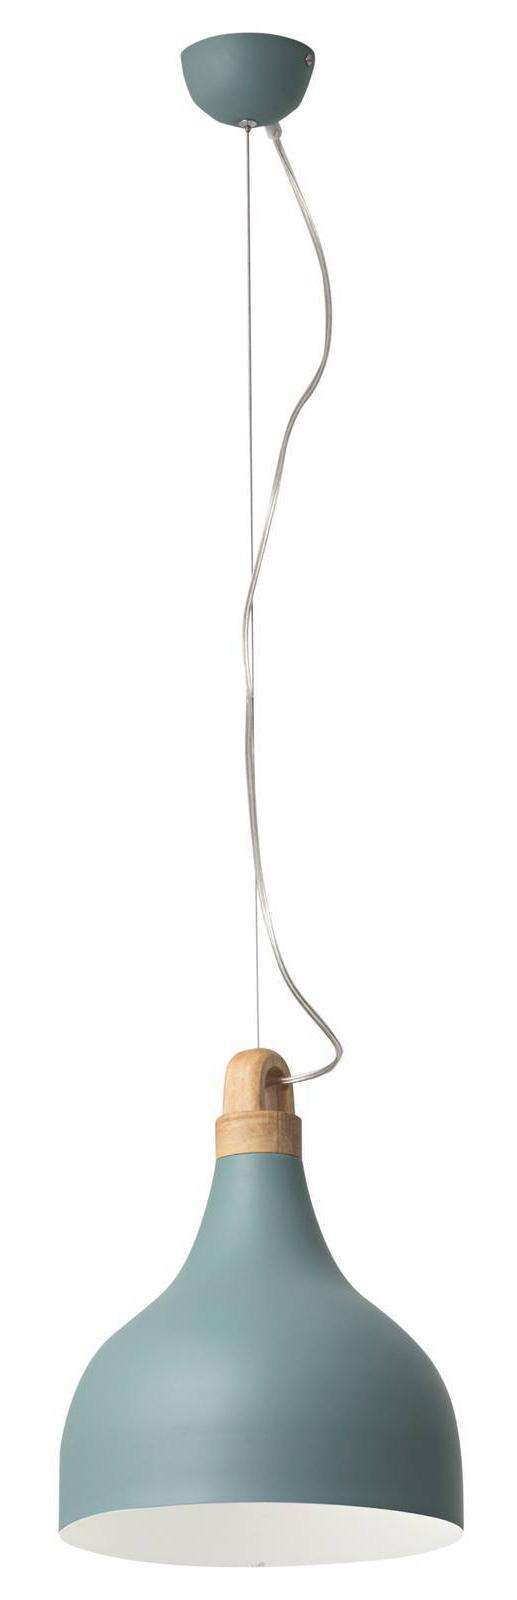 lampada sospensione bell rossini illuminazione stile moderno